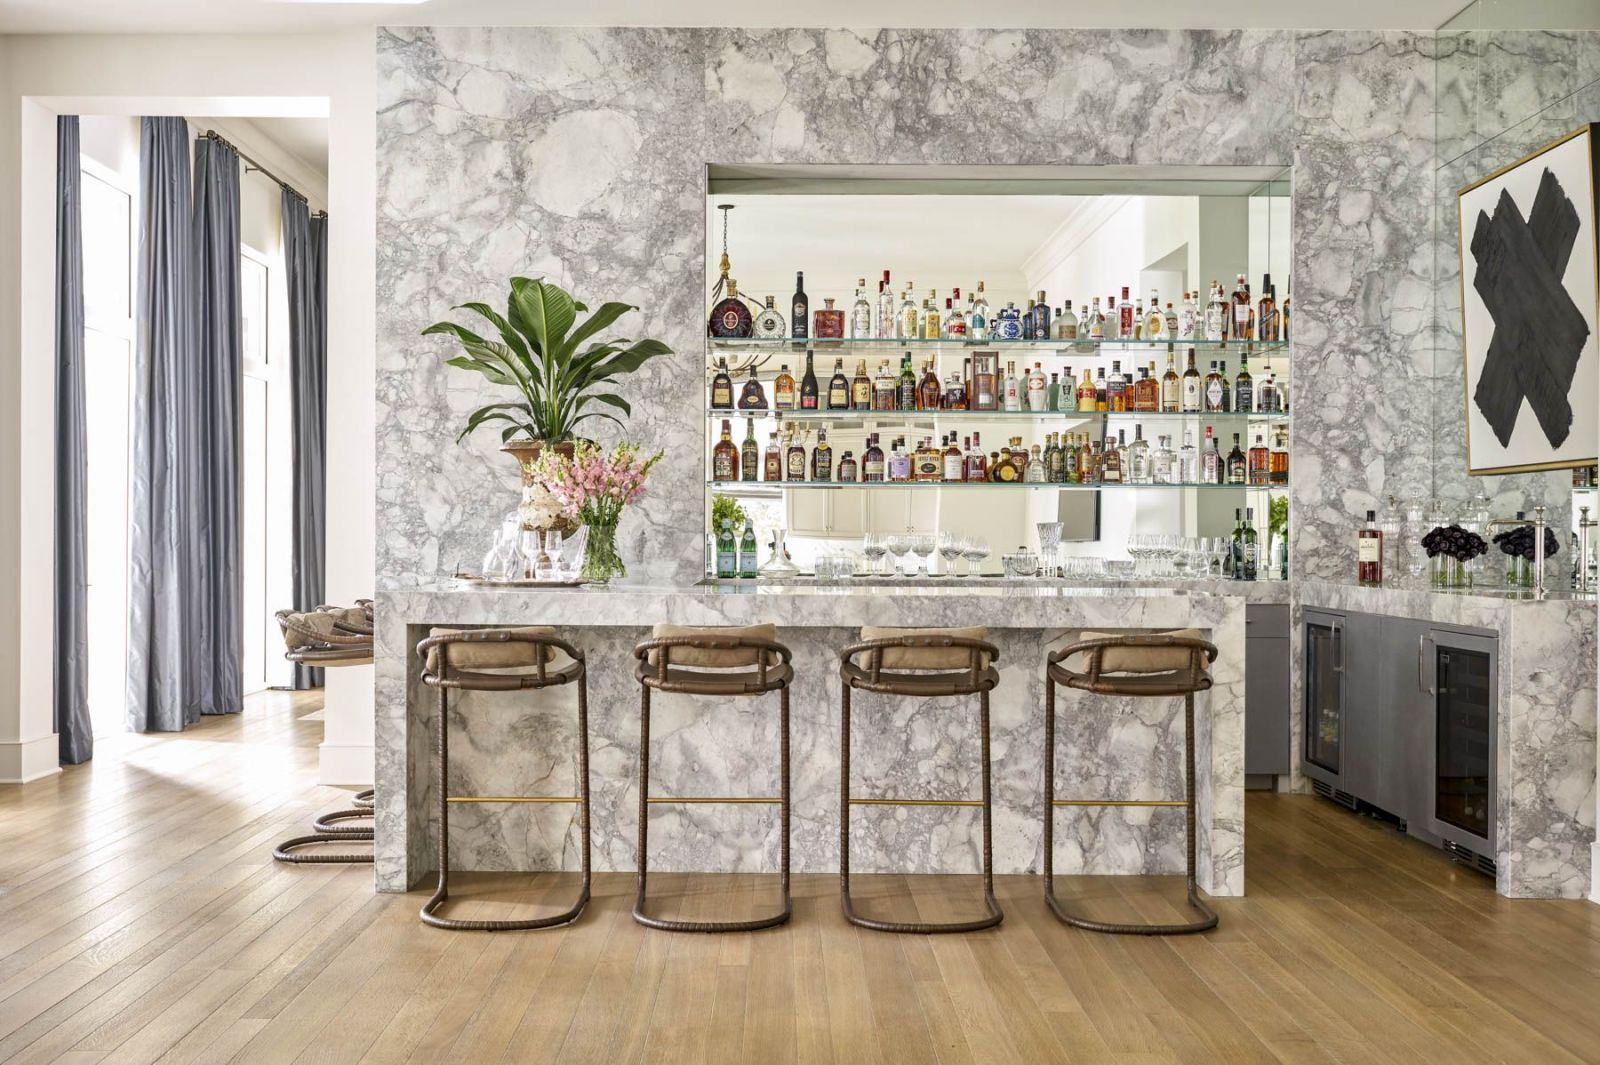 Phong cách thiết kế nội thất đương đại với kiểu đá cẩm thạch độc đáo kiến tạo một khoảng không gian riêng, một ốc đảo ngay trong nhà.